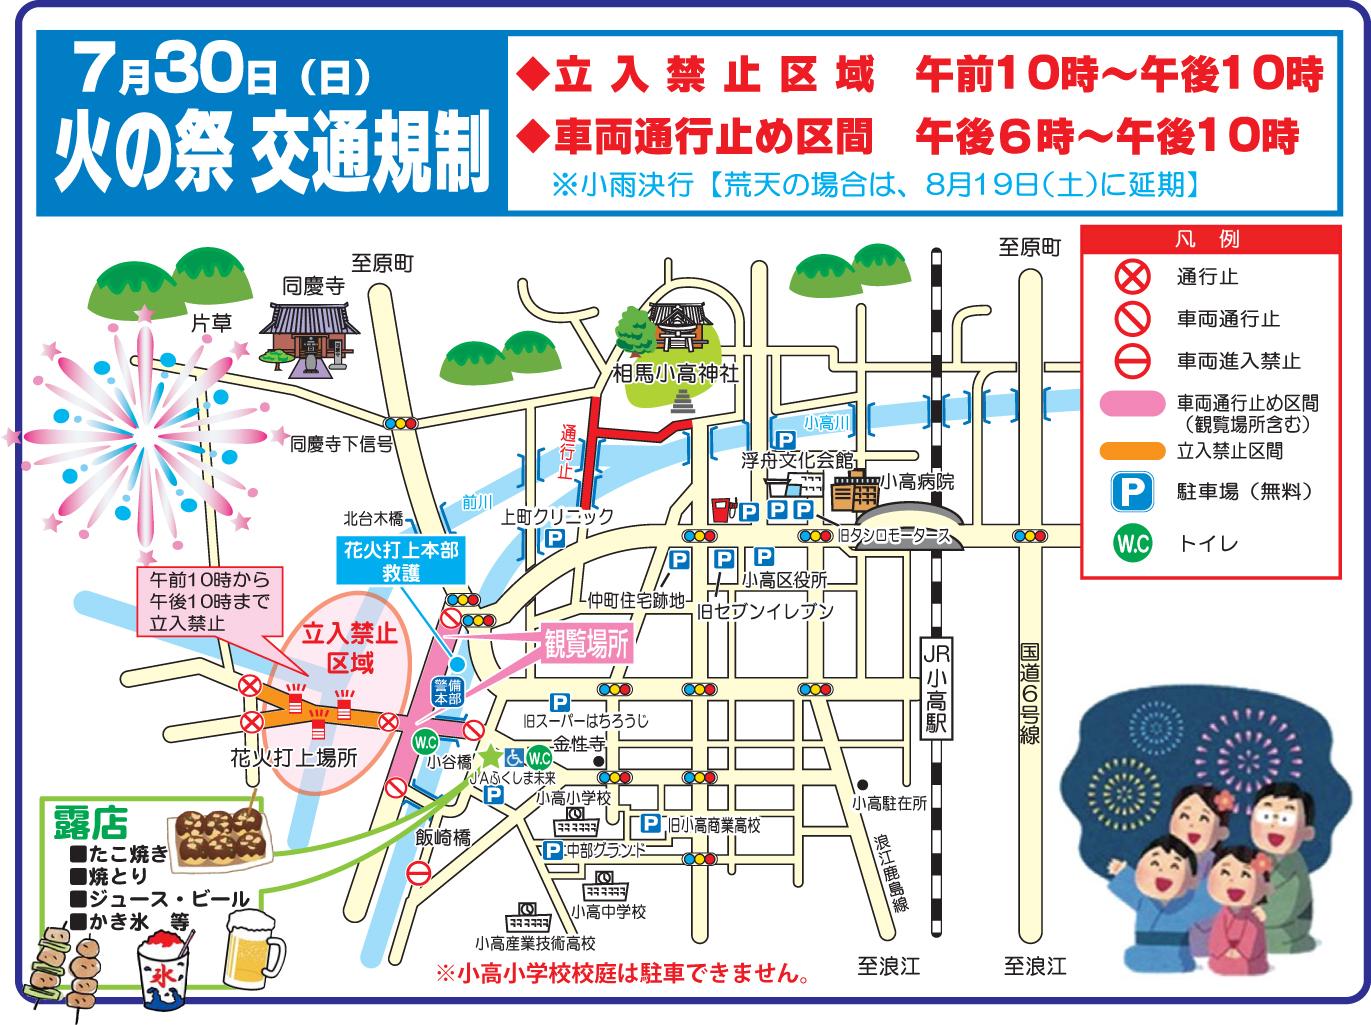 2017年7月30日(日)南相馬市小高区内(火の祭)